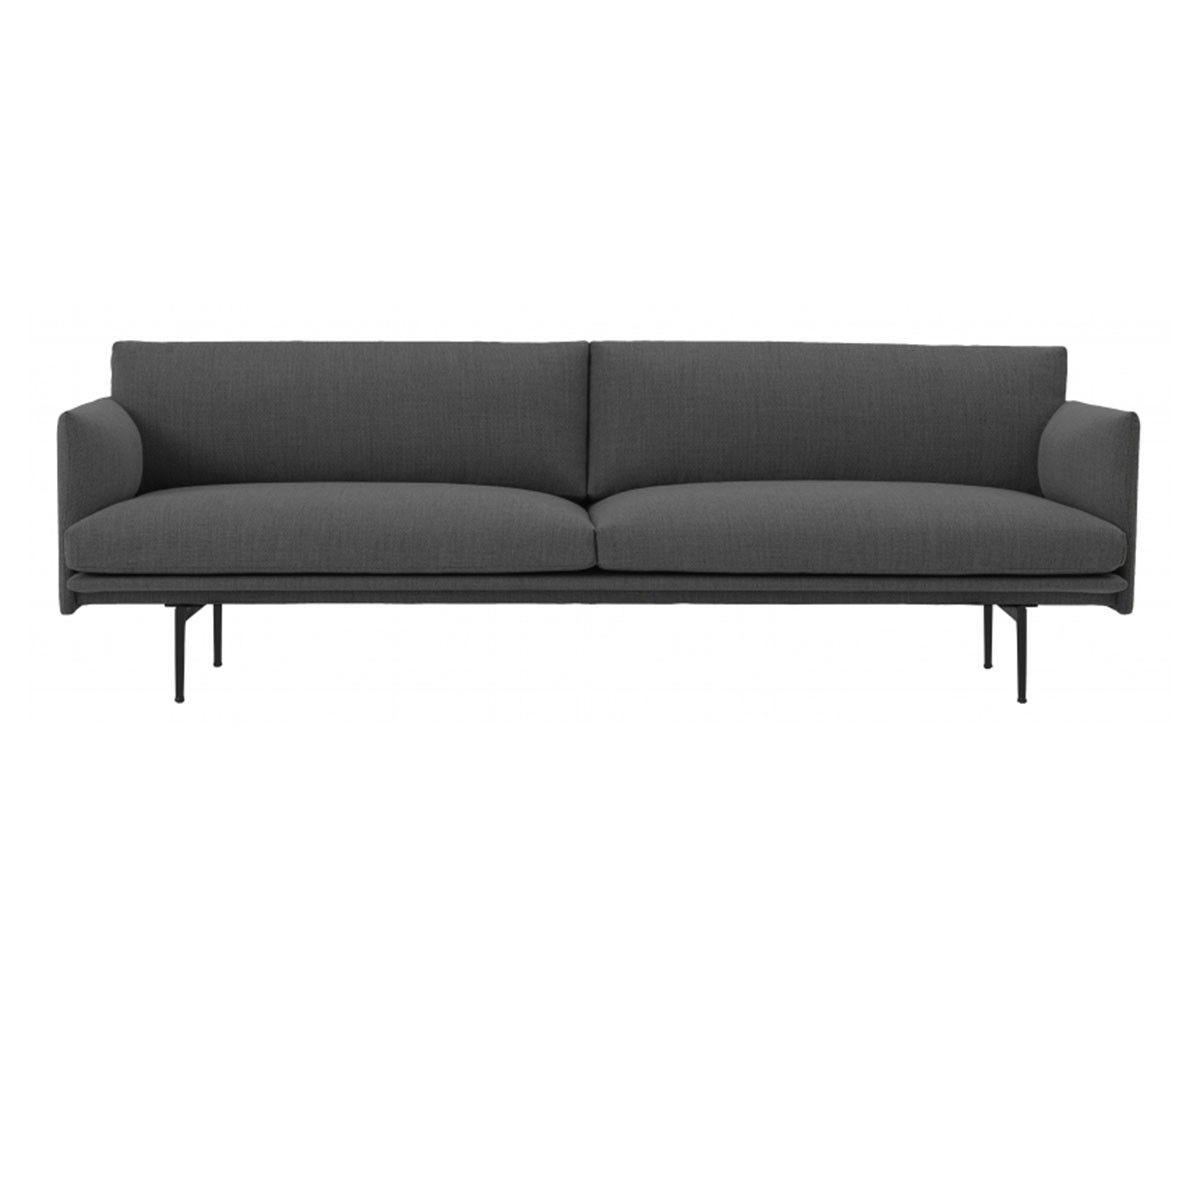 Canapé Outline 3 places Gris foncé - Remix 163 - Muuto - Véritable meuble d  46cc2fb69d68